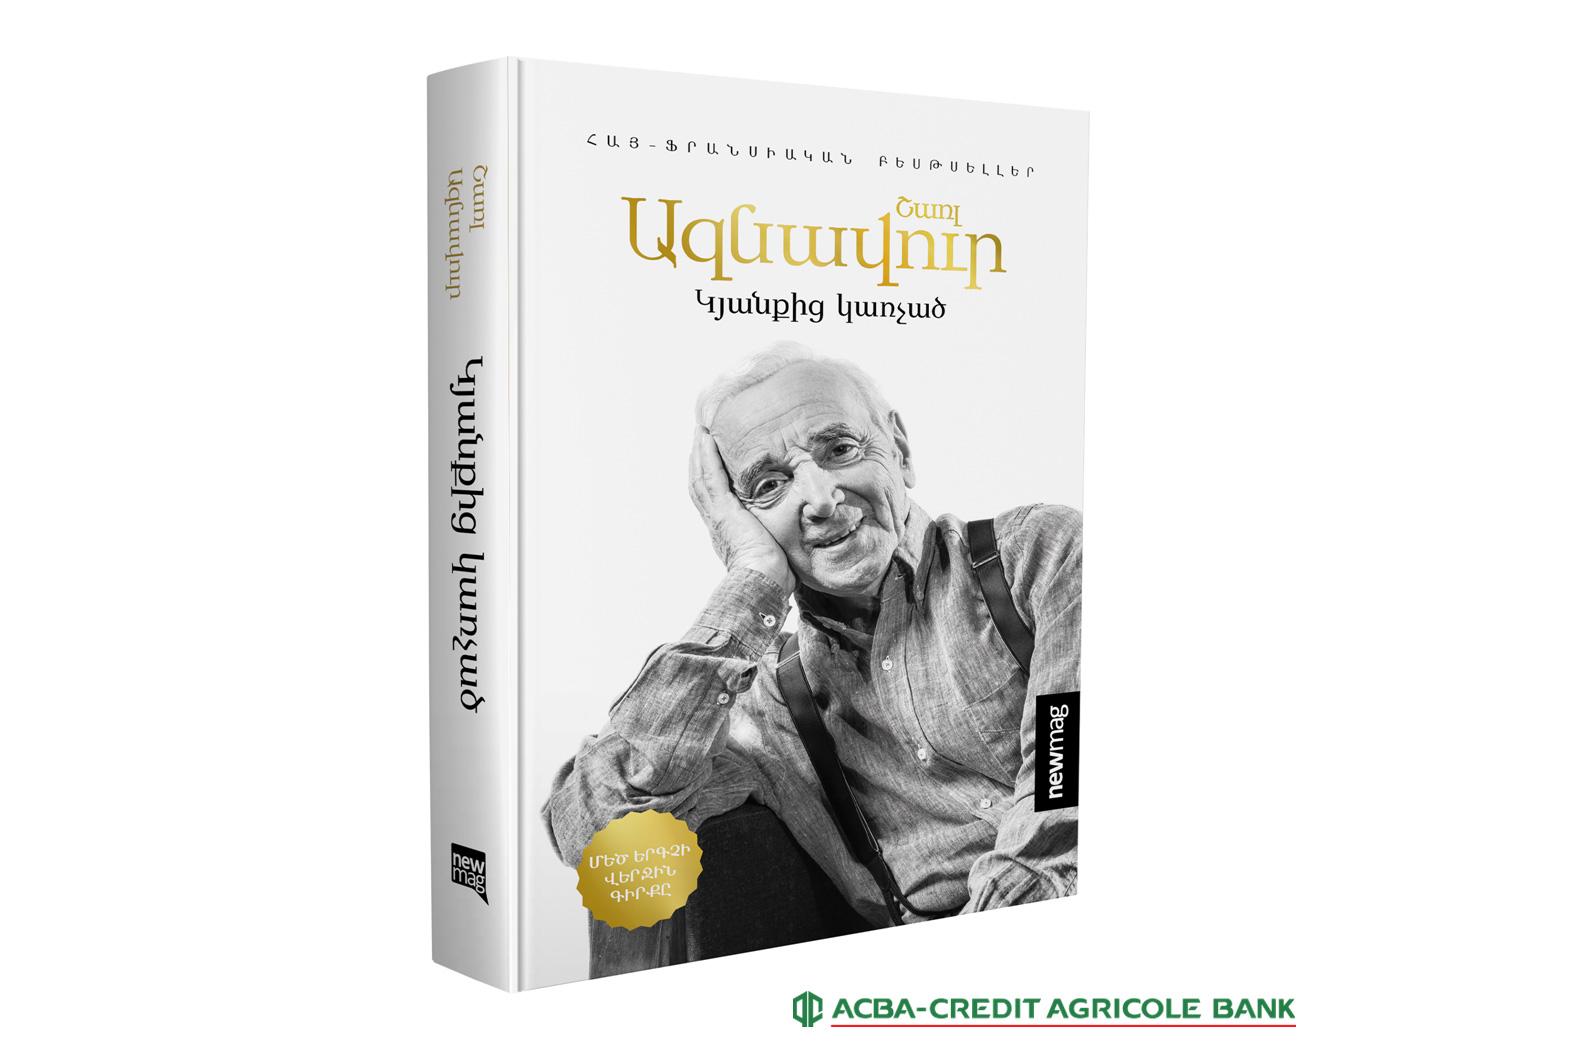 ԱԿԲԱ-ԿՐԵԴԻՏ ԱԳՐԻԿՈԼ ԲԱՆԿ. Թարգմանվել է Շառլ Ազնավուրի «Կյանքից կառչած» գիրքը